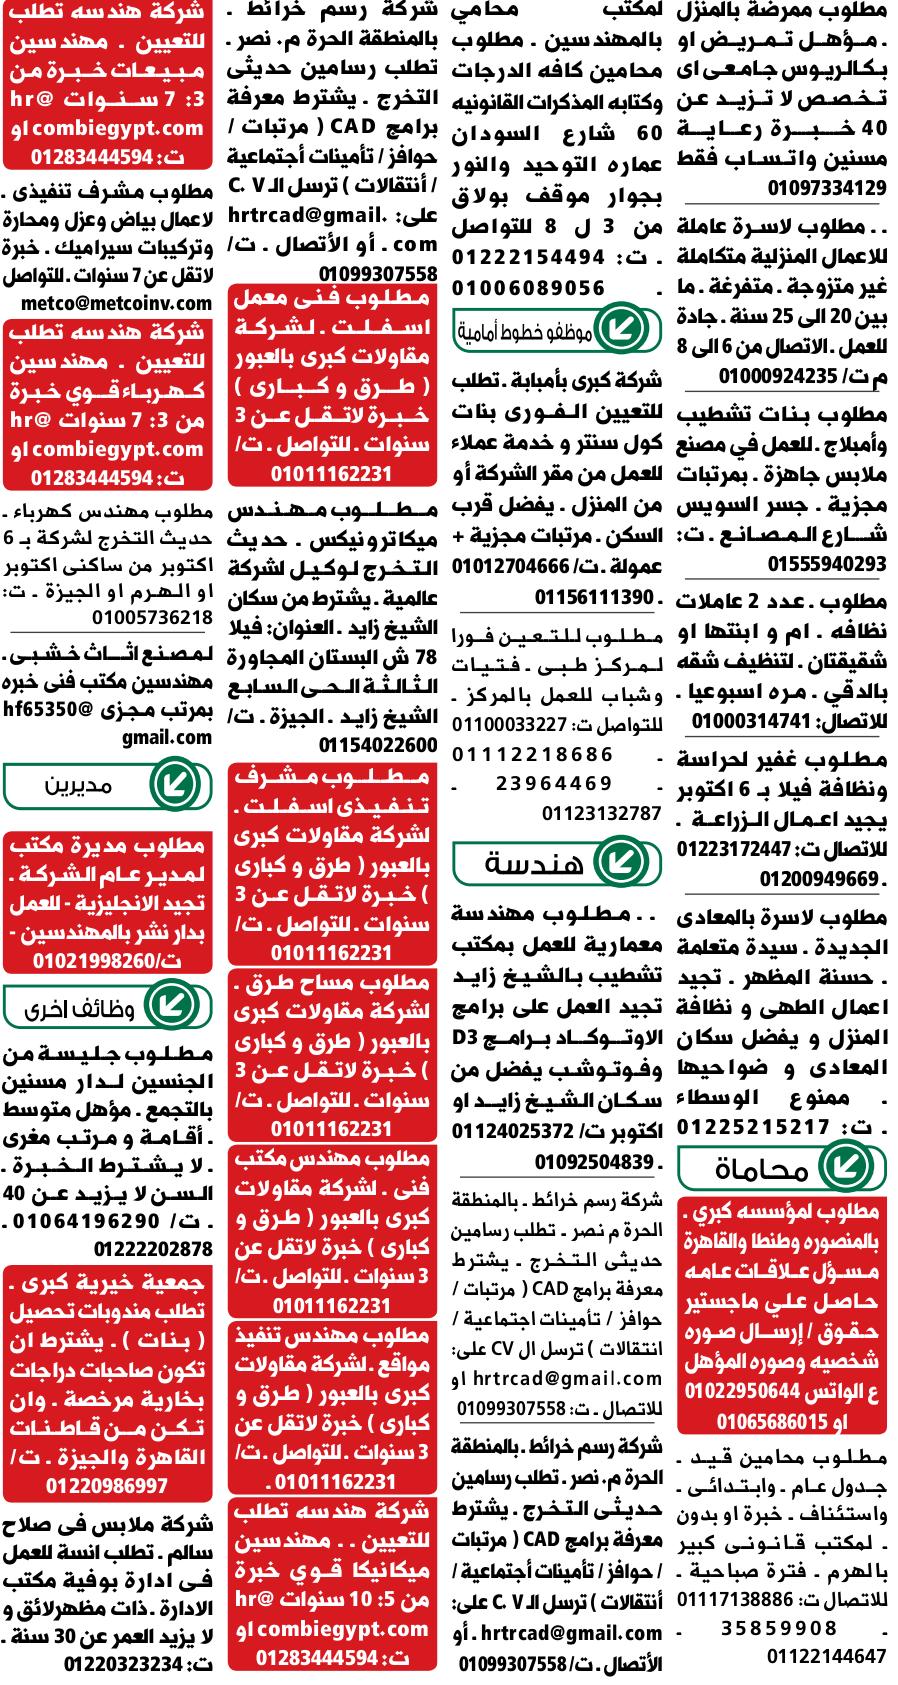 اعلانات وظائف الوسيط pdf الجمعة 17/7/2020 11